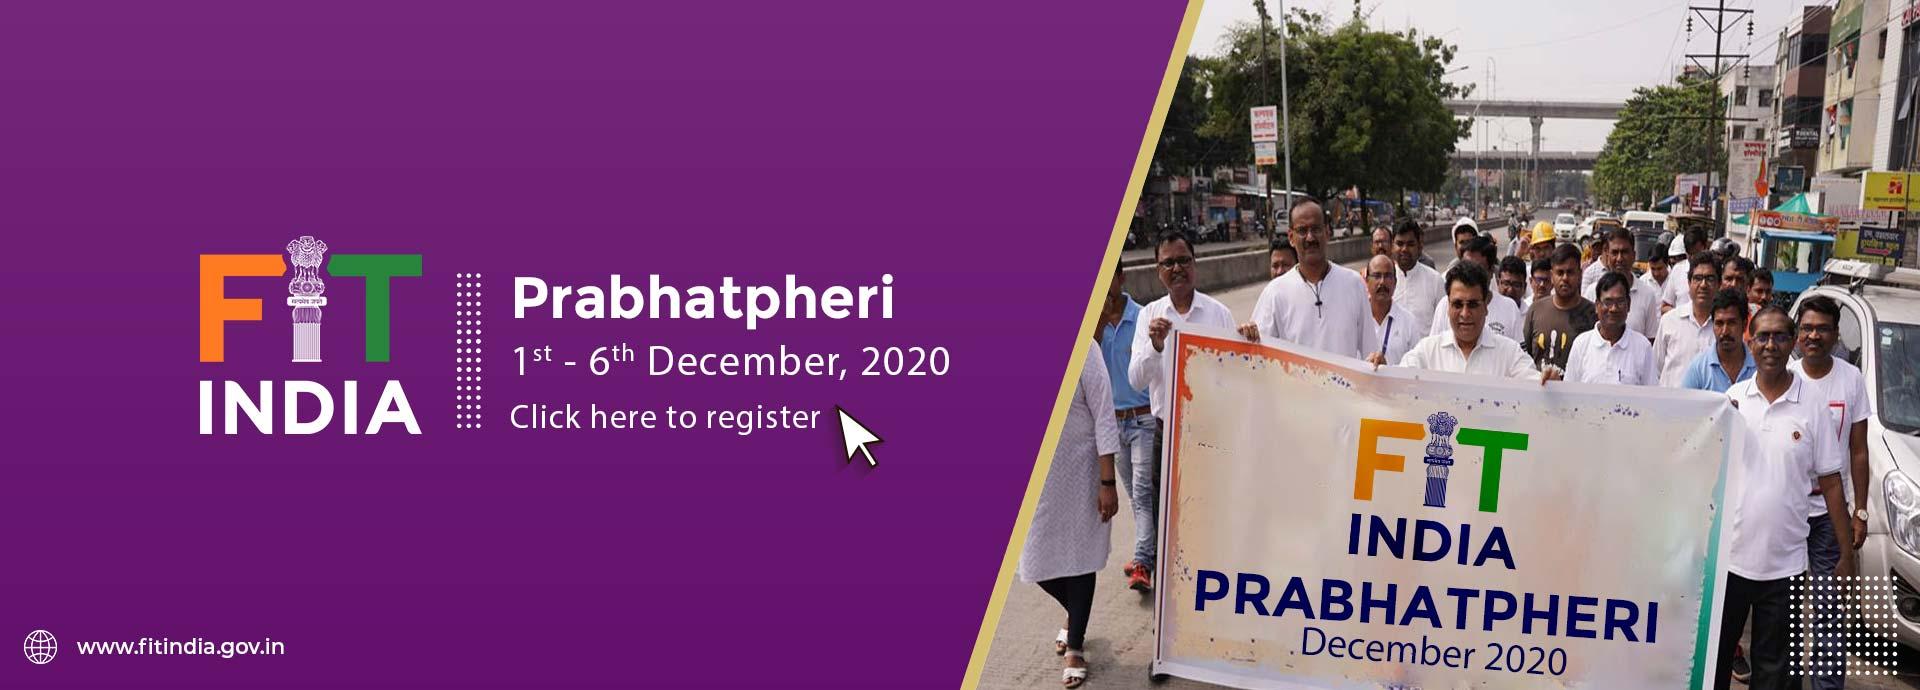 Fit-India-Prabhat-Pheri-2020